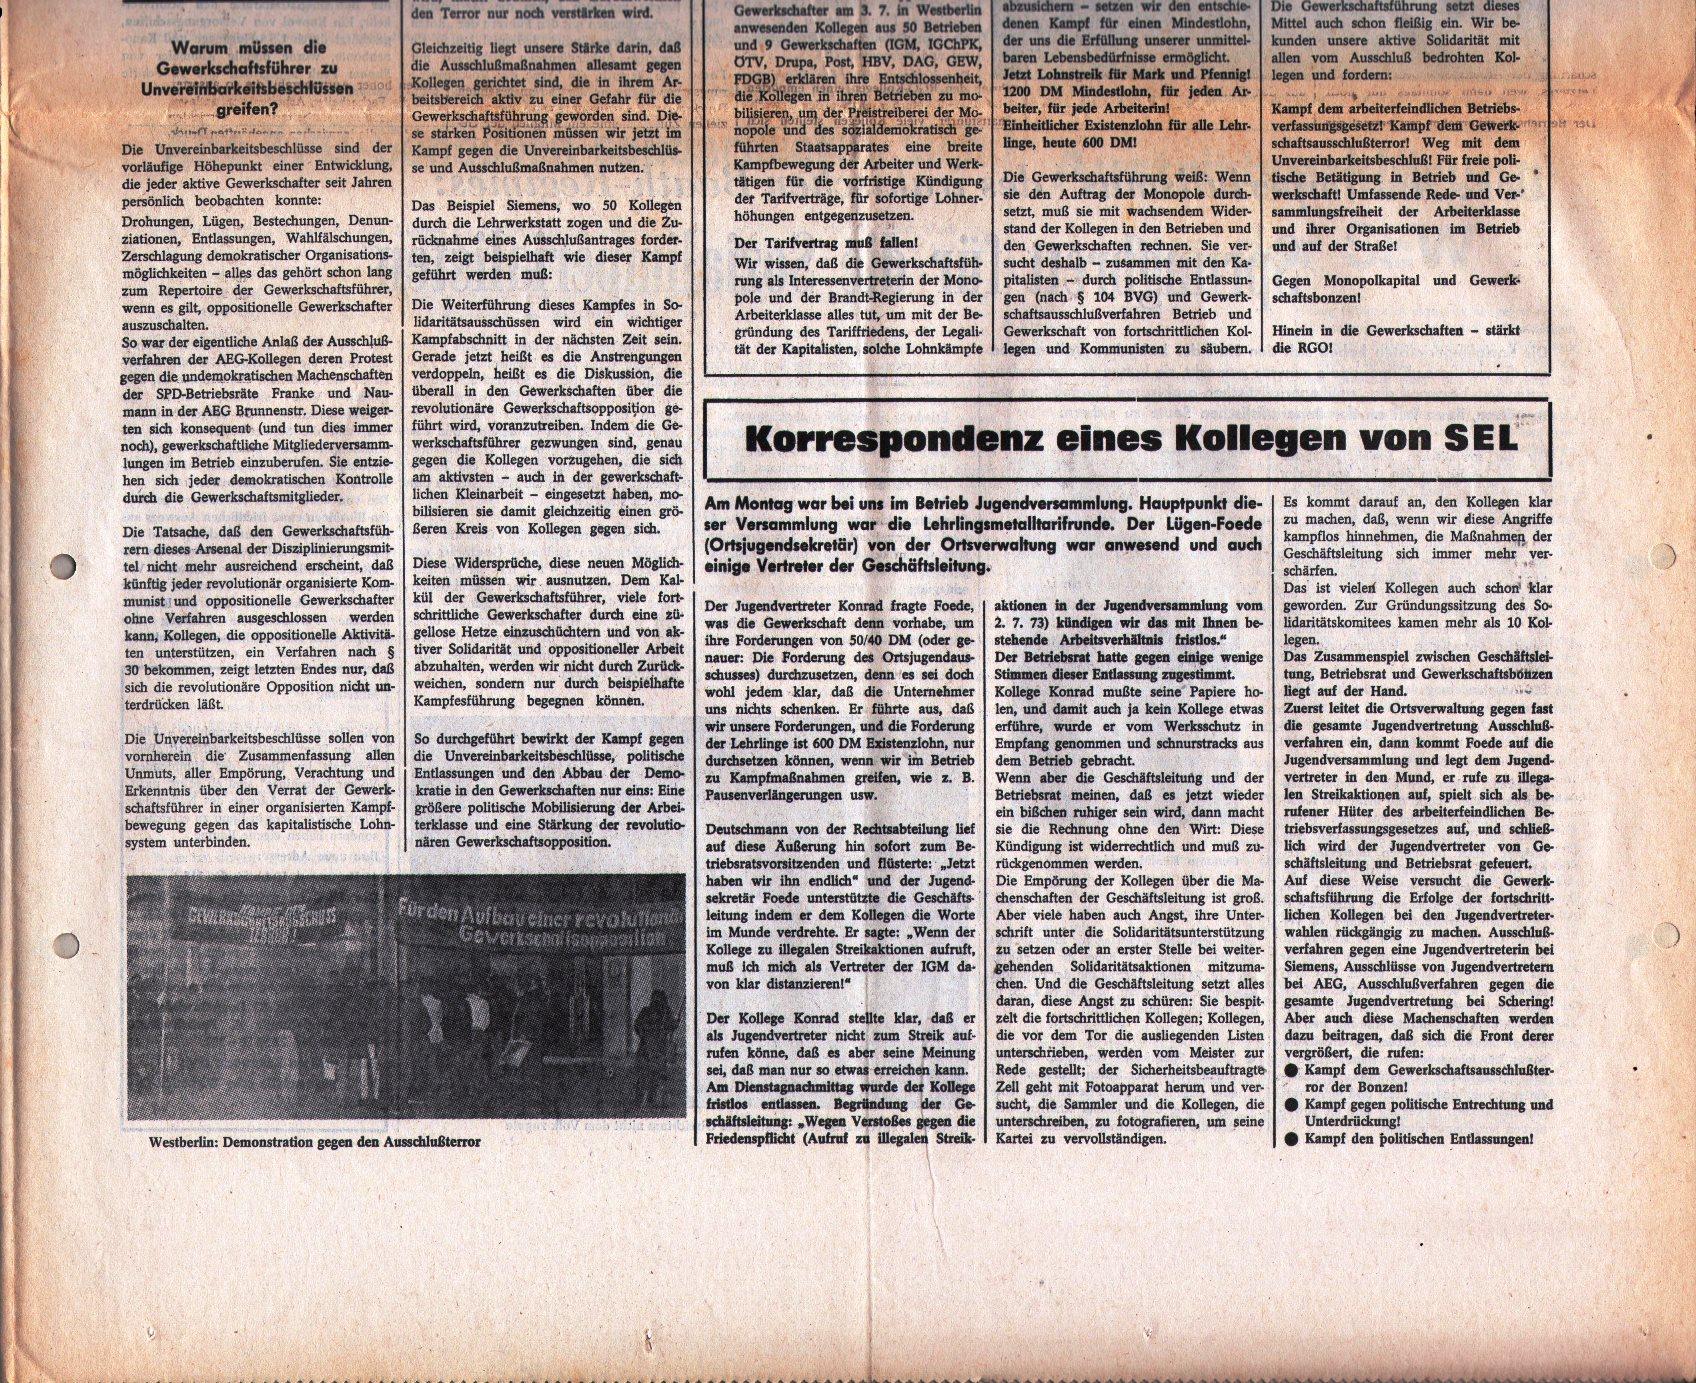 KPD_Rote_Fahne_1973_28_10